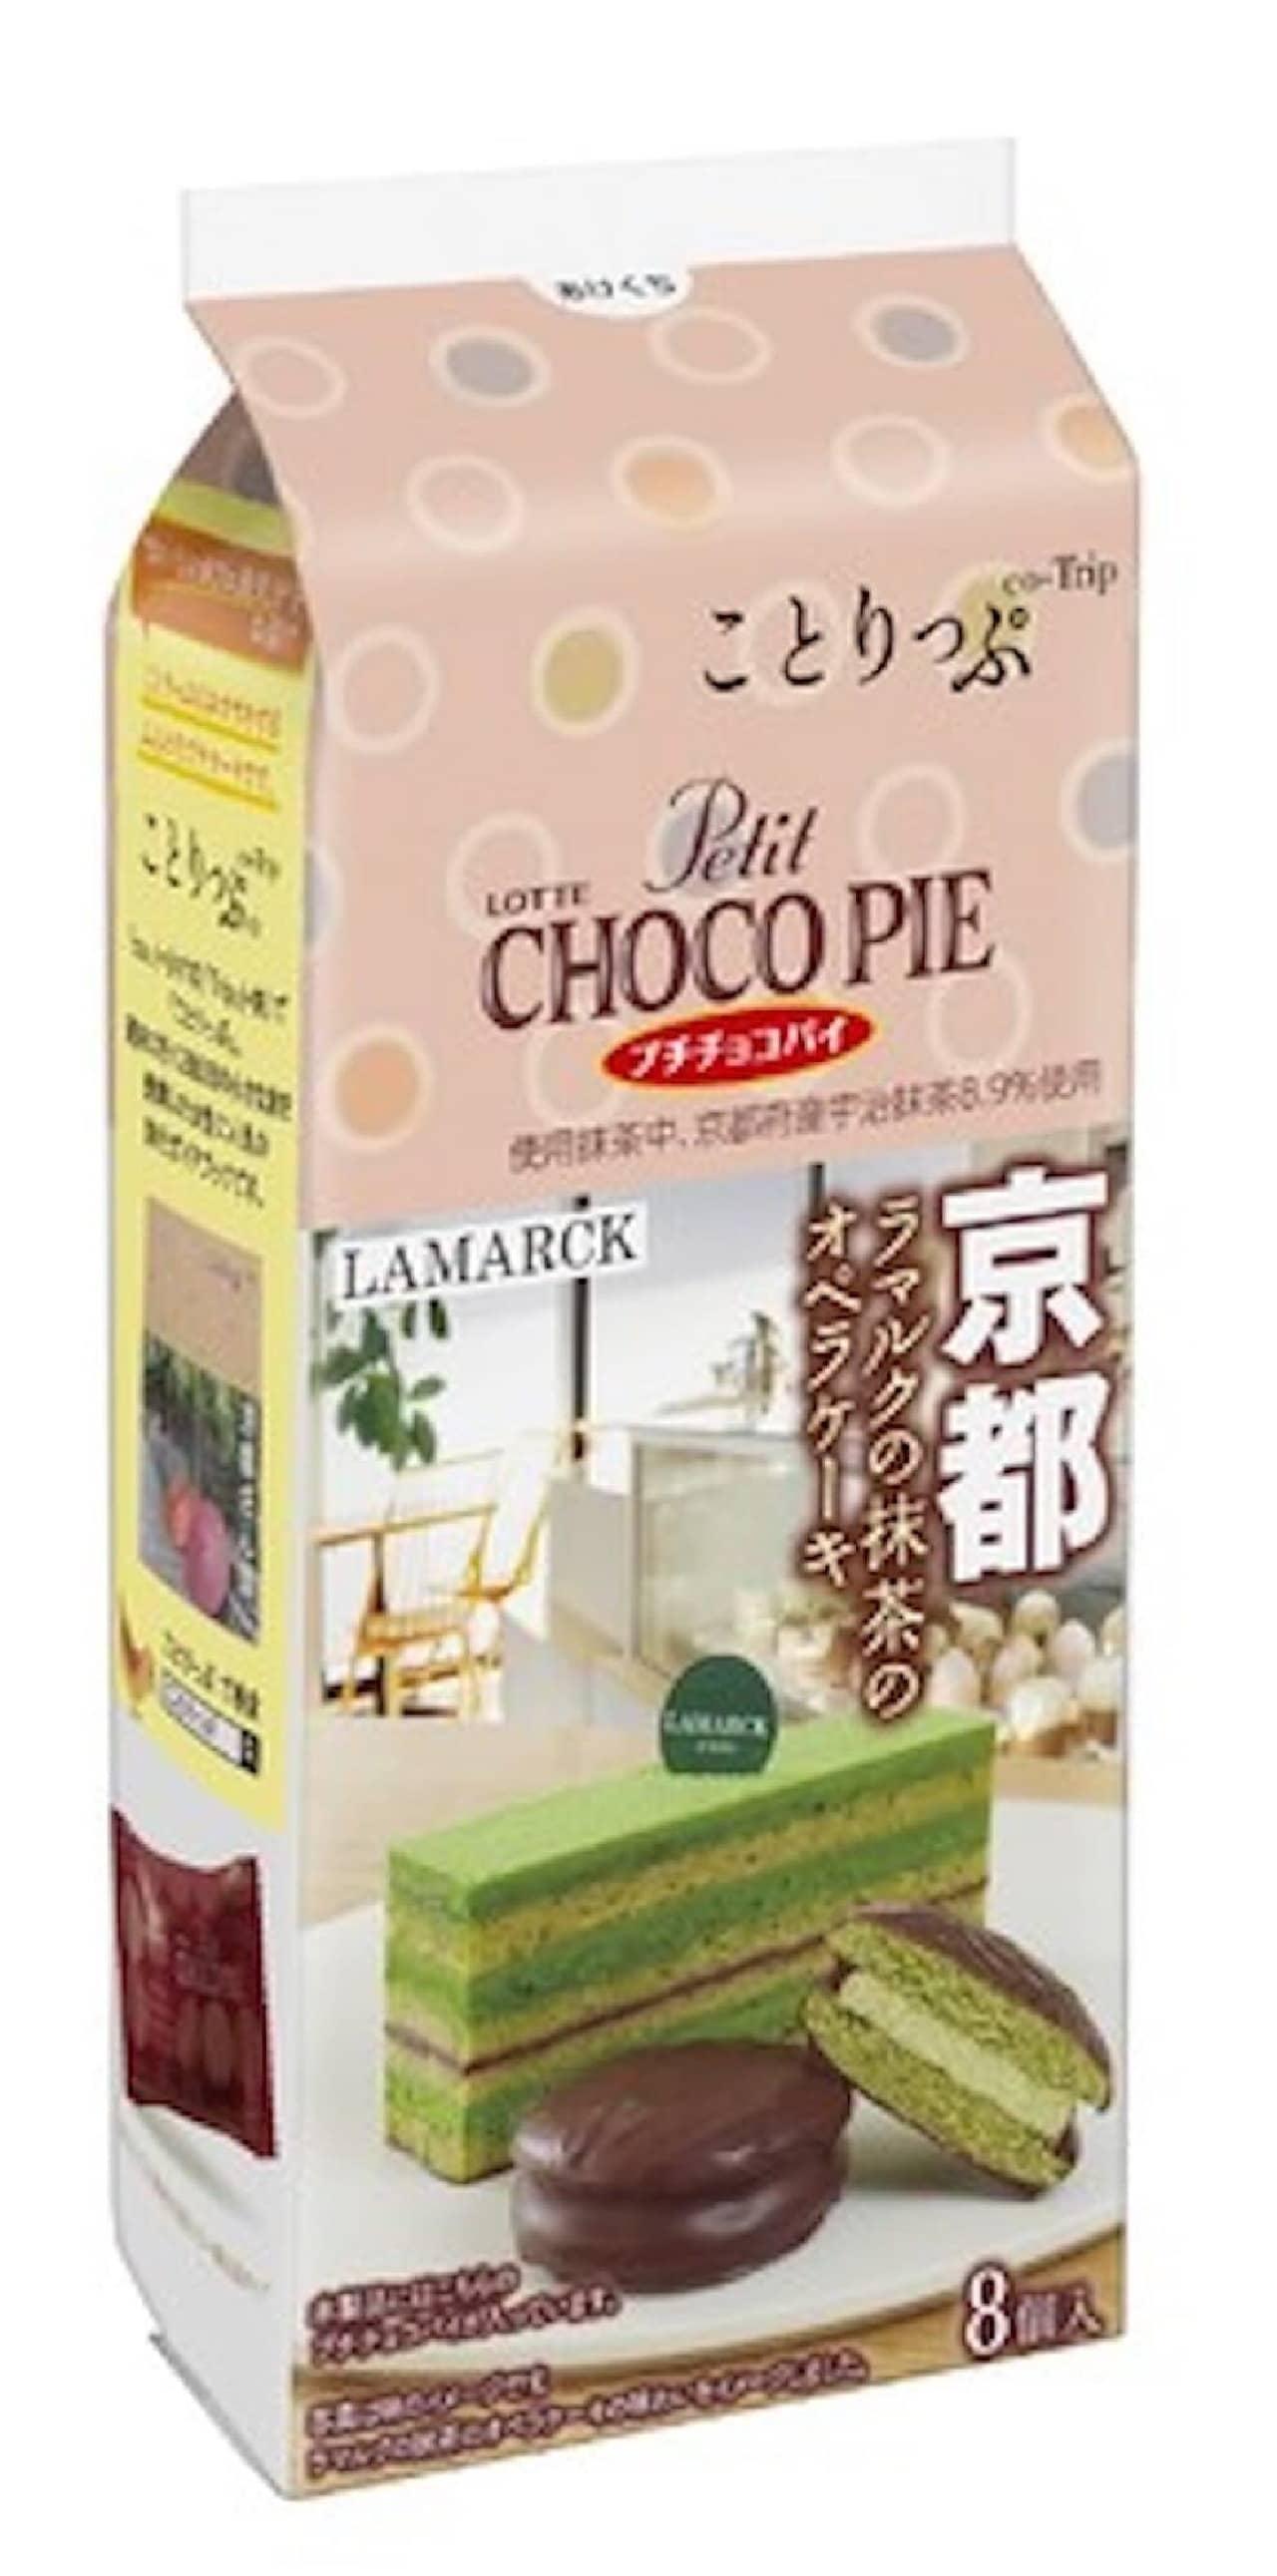 ロッテ「ことりっぷ プチチョコパイ<ラマルクの抹茶のオペラケーキ>」